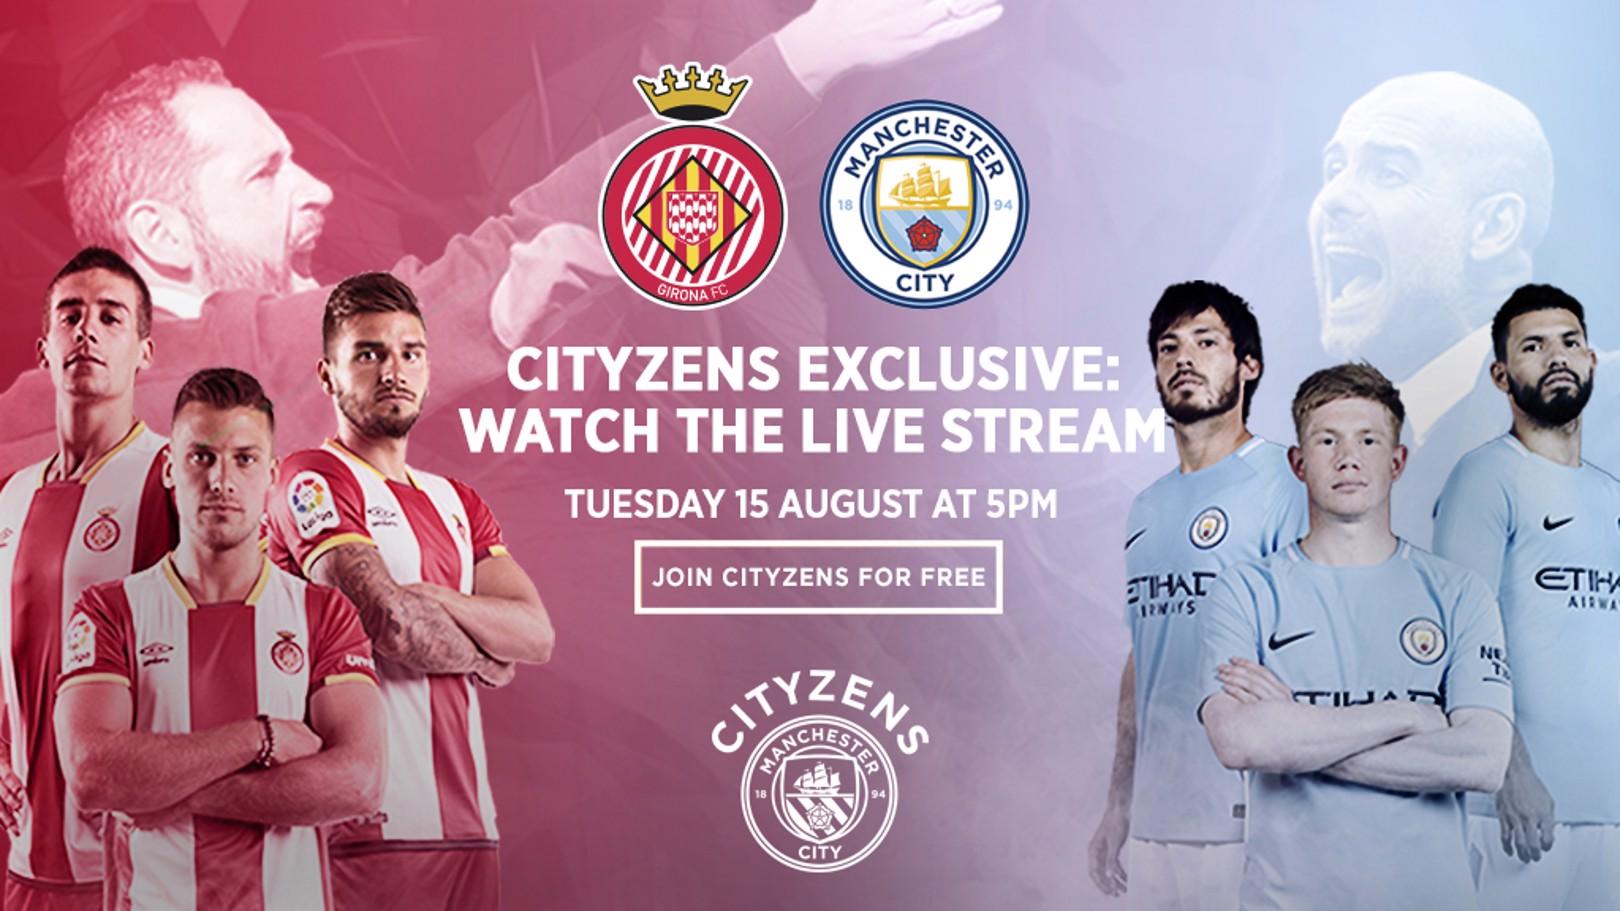 Girona - Manchester City, en directo y exclusiva para Cityzens.